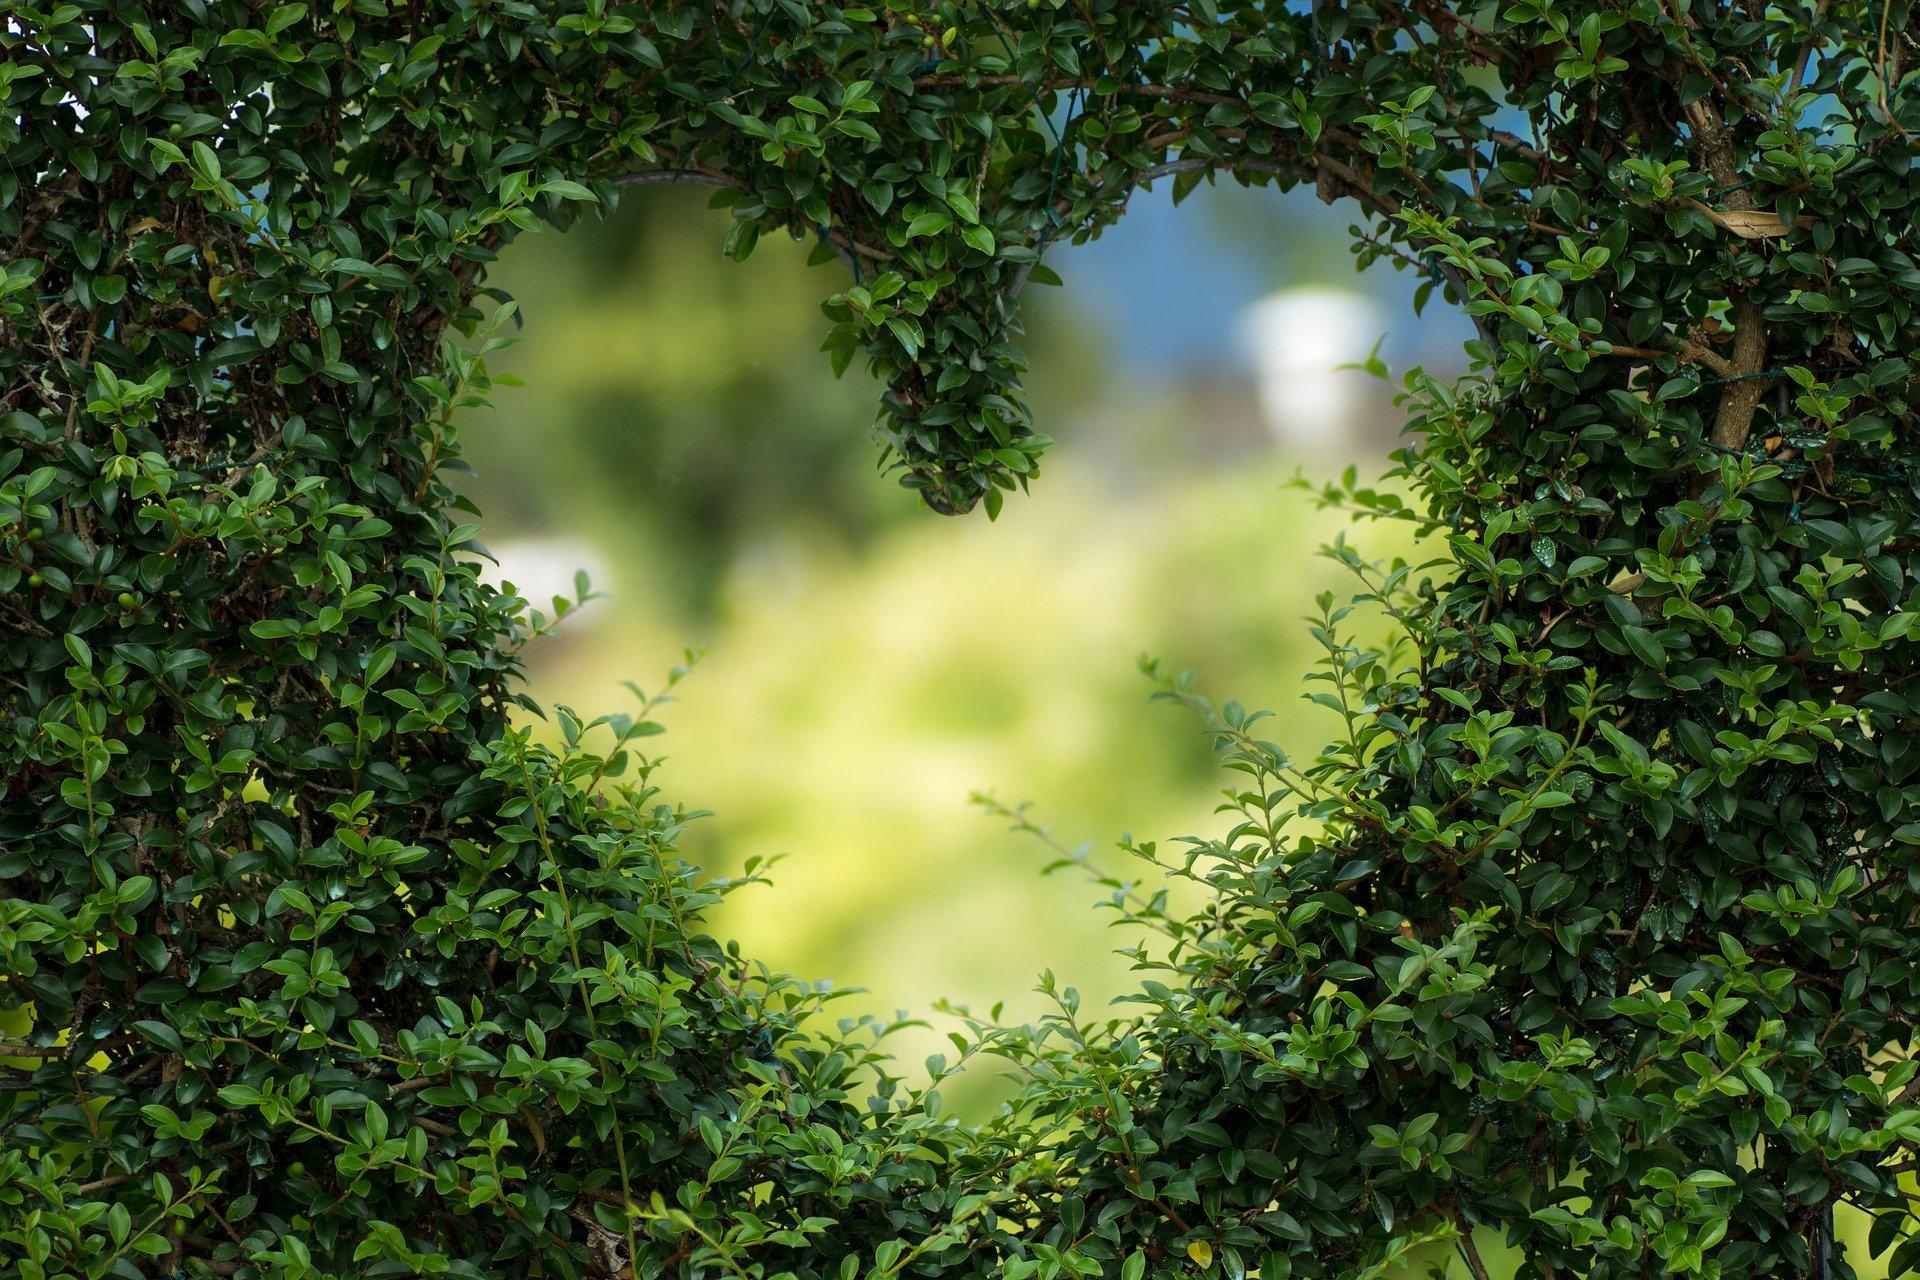 Herz als Symbol für die Anerkennung und Liebe